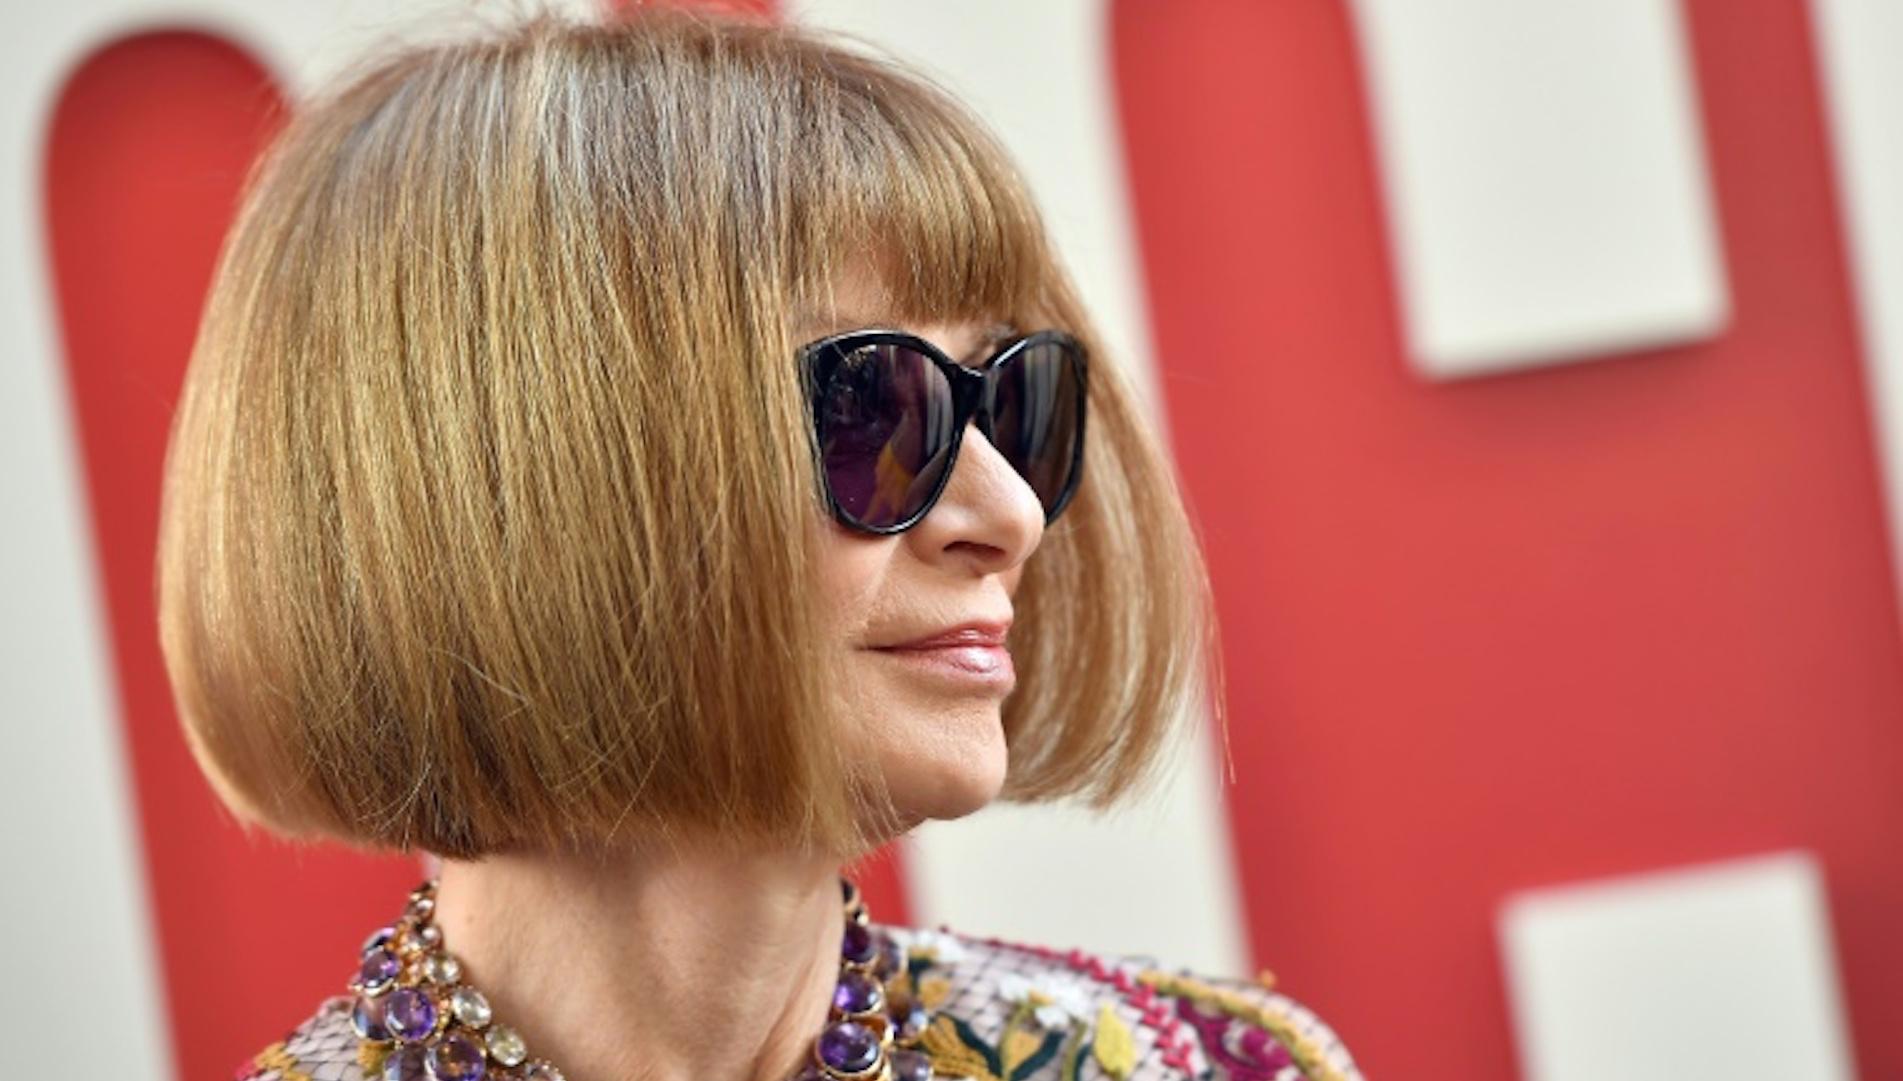 Anna Wintour, aquí el 5 de junio en Nueva York, seguirá desempeñando su papel de editora en jefa de Vogue (AFP/Archivos - ANGELA WEISS)